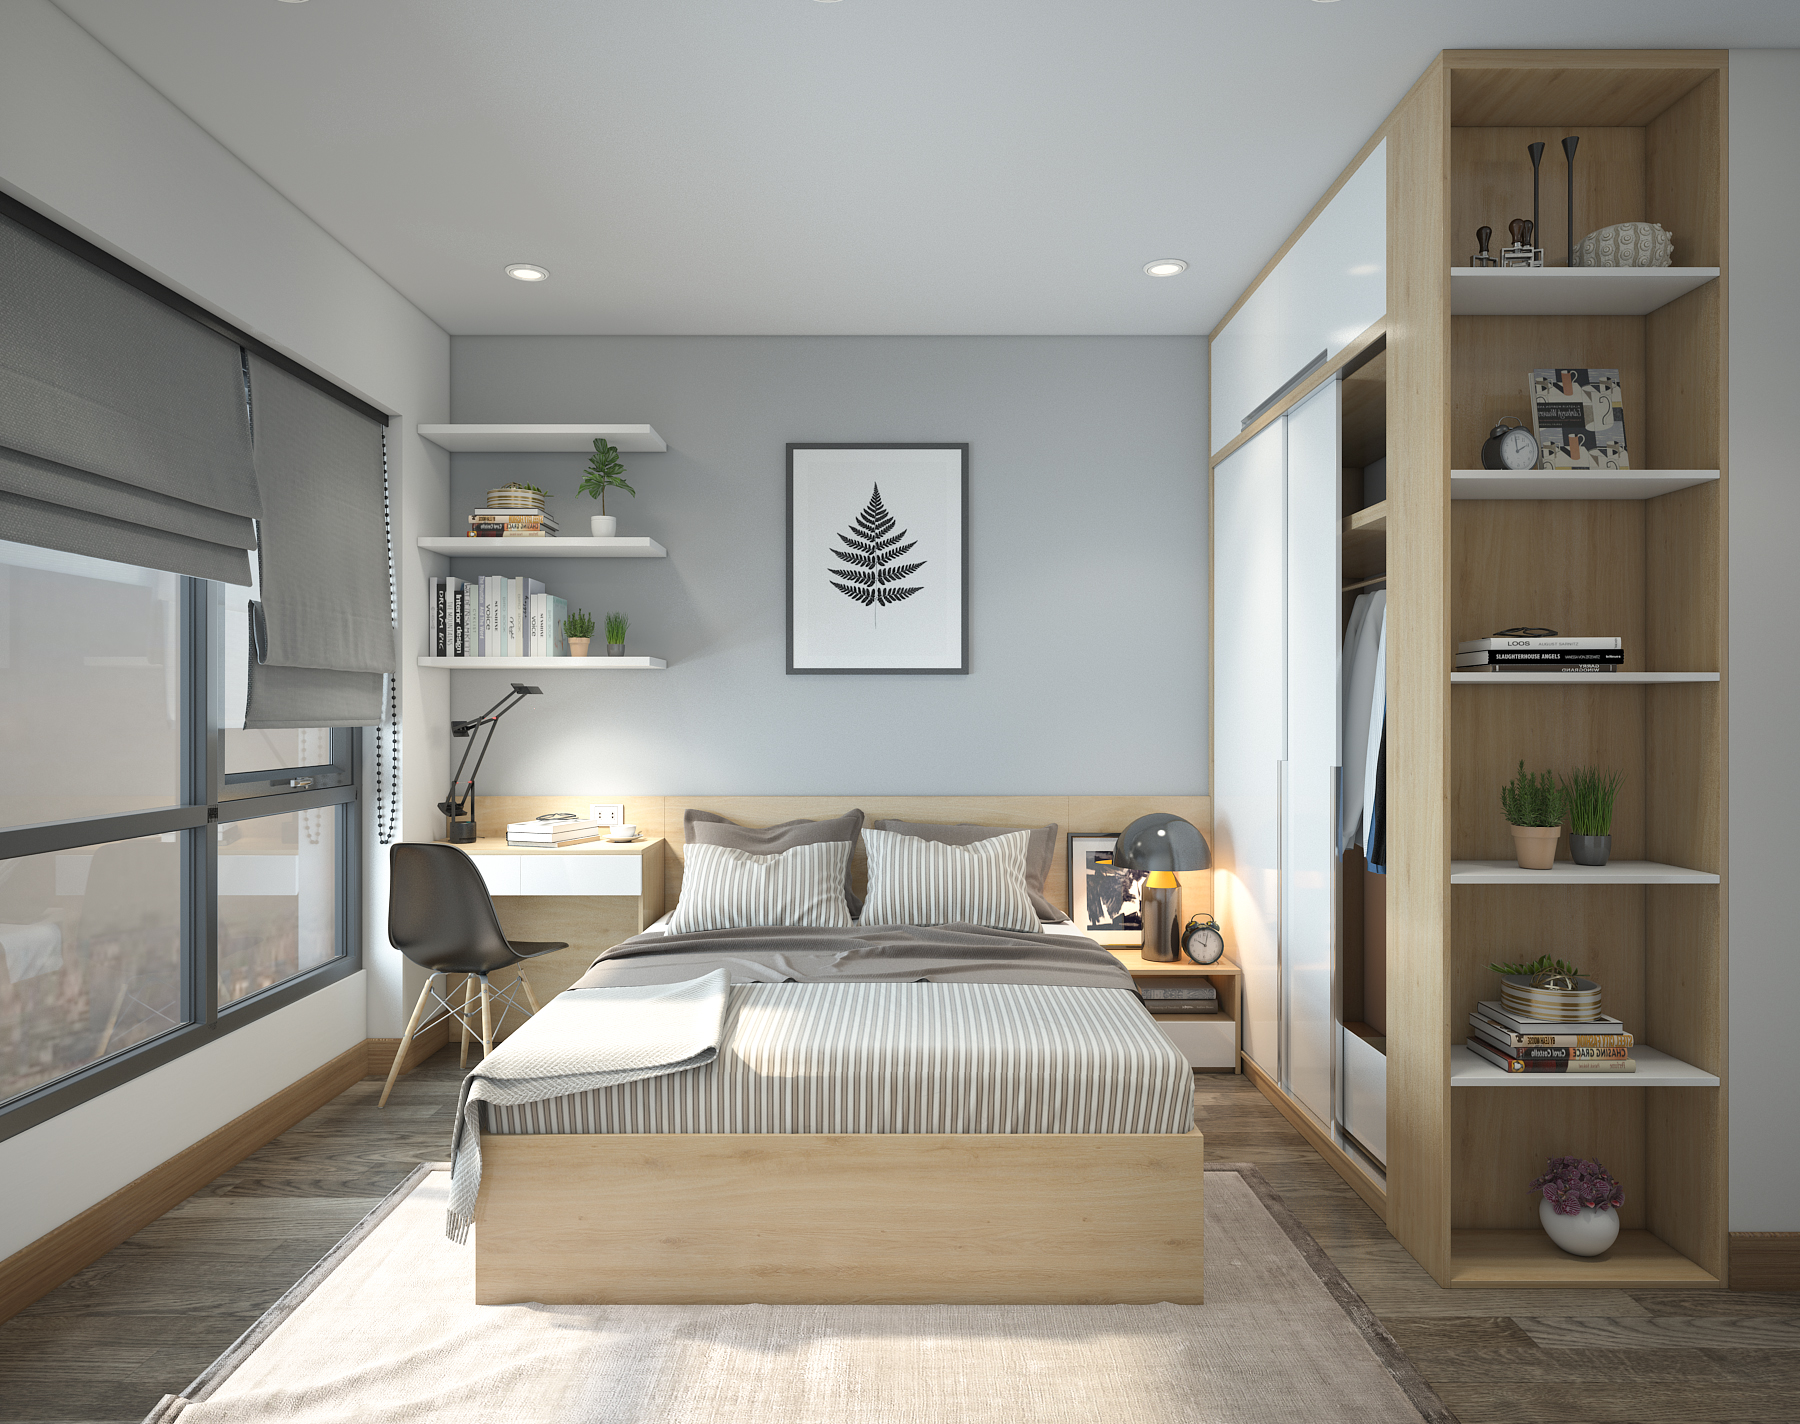 thiết kế nội thất chung cư tại Hà Nội Chung Cư An Bình City 15 1538039757